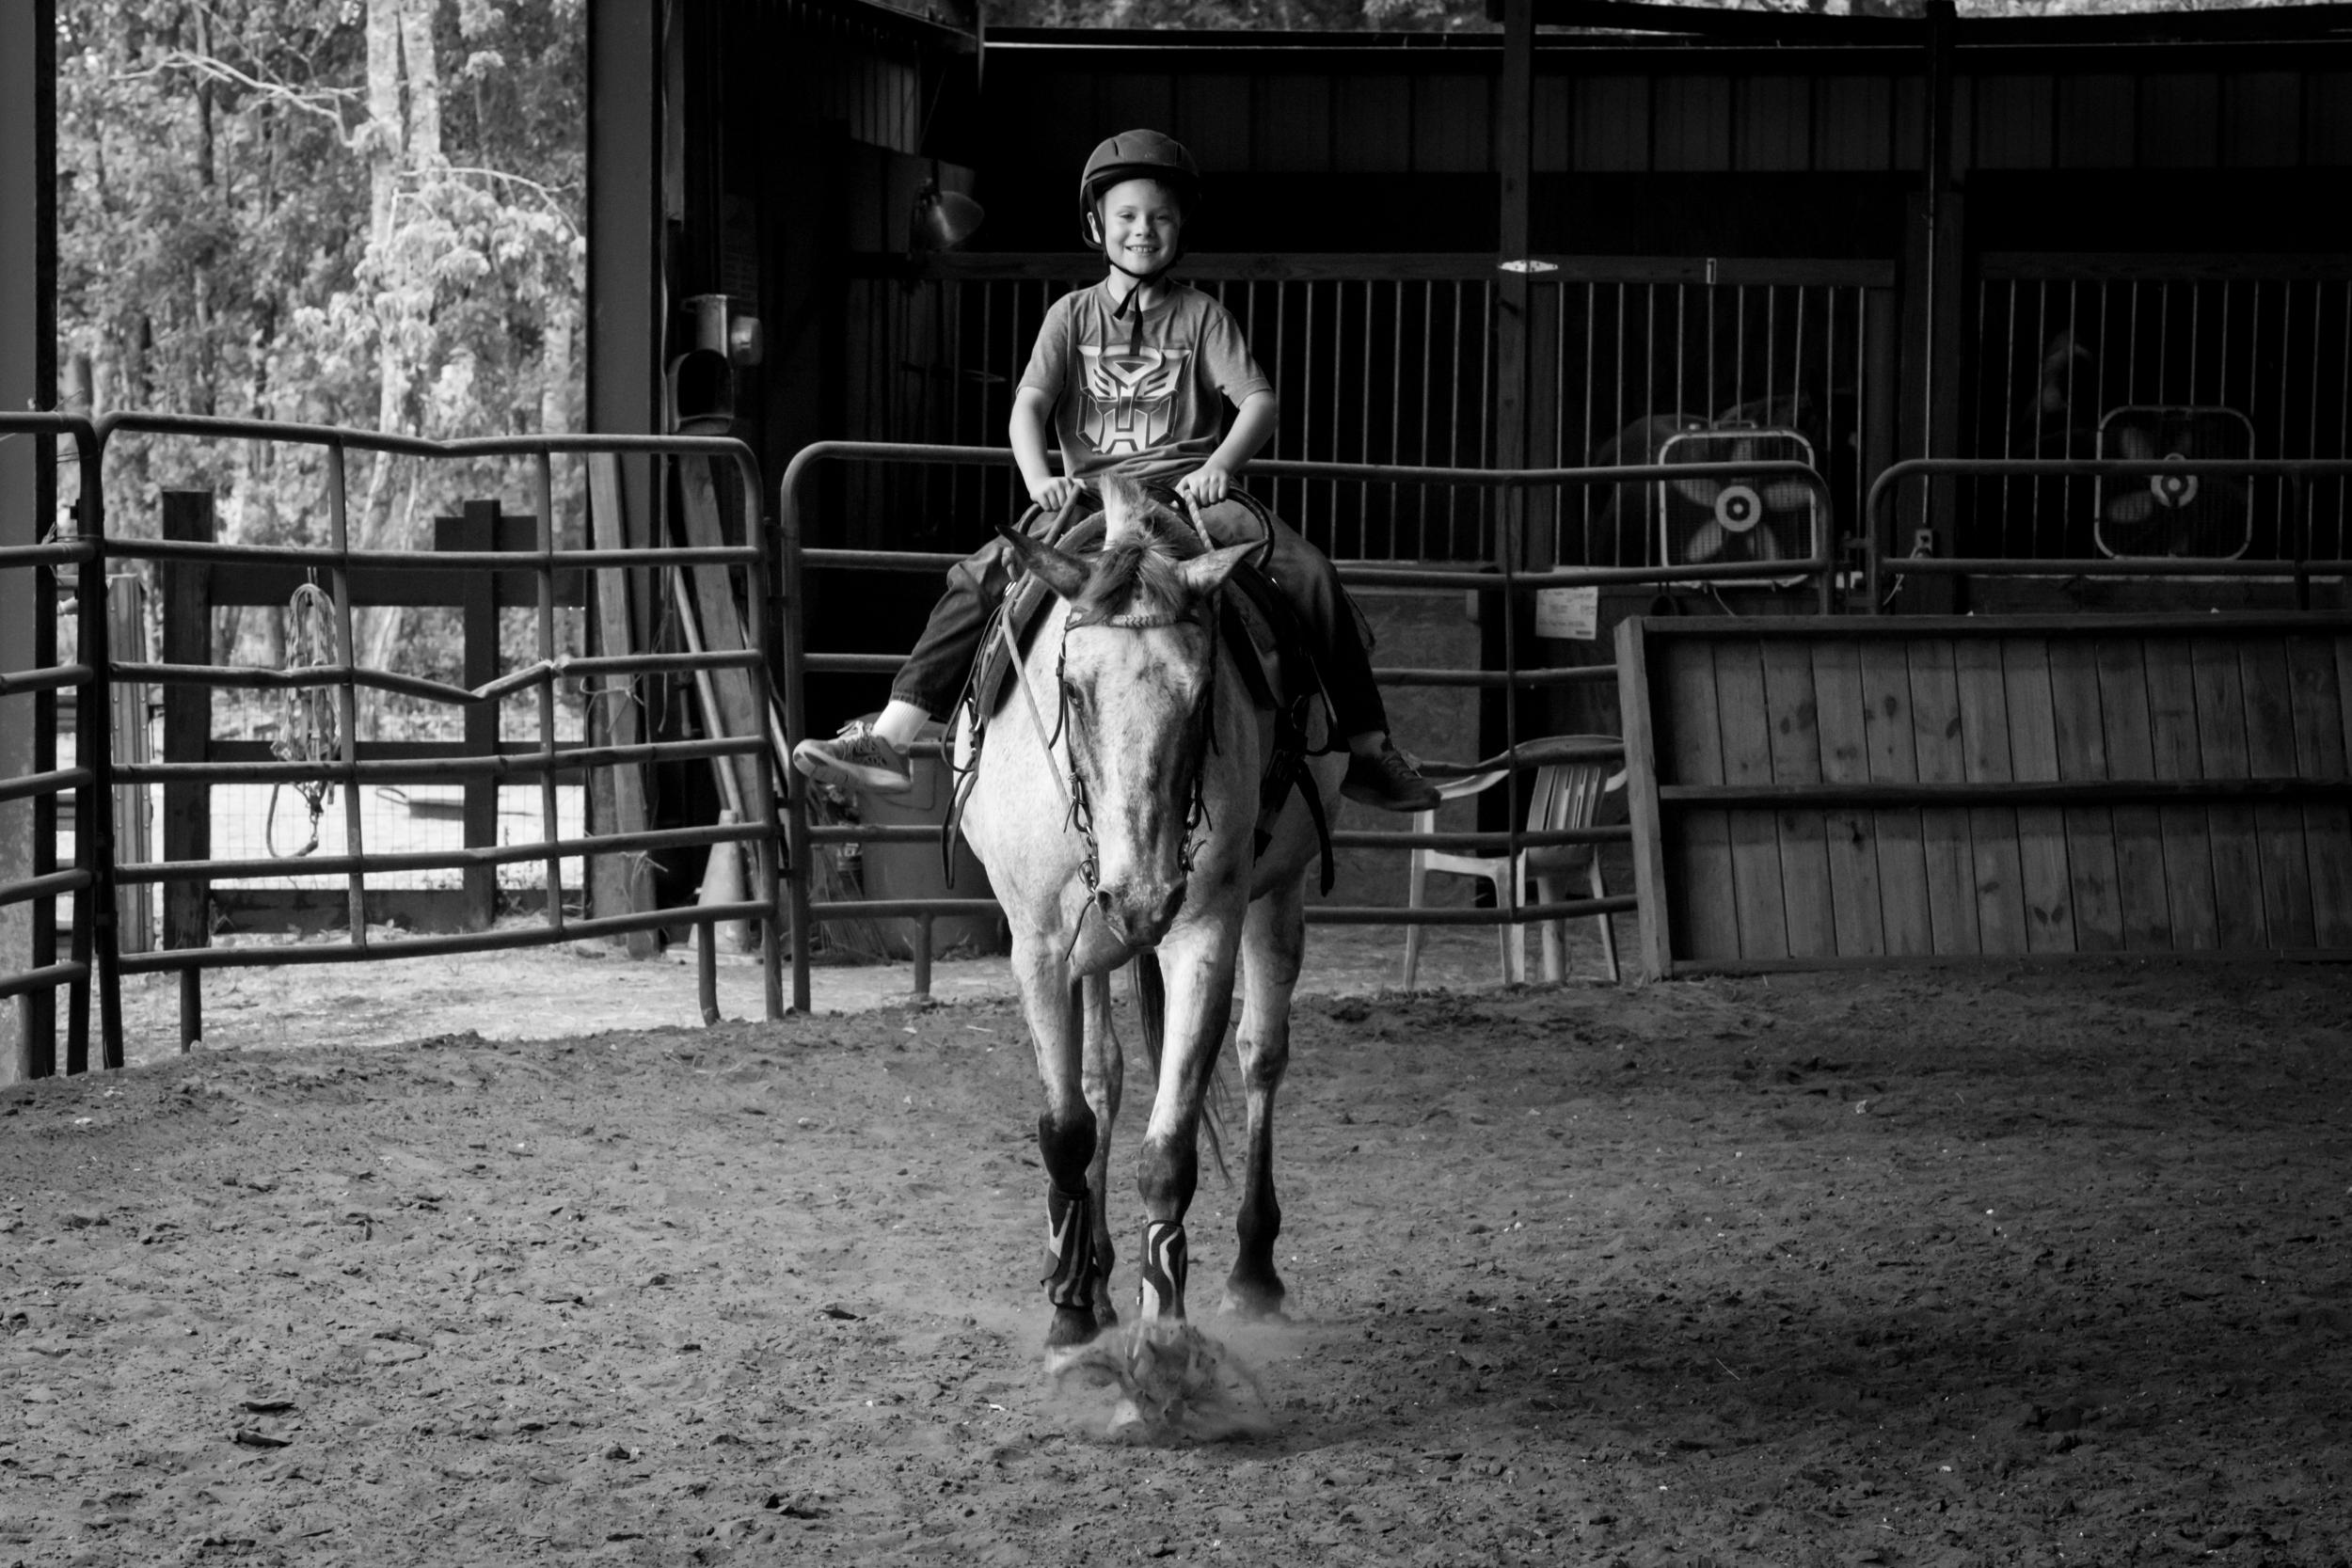 jacksonville-family-photographer-documentary-21.jpg